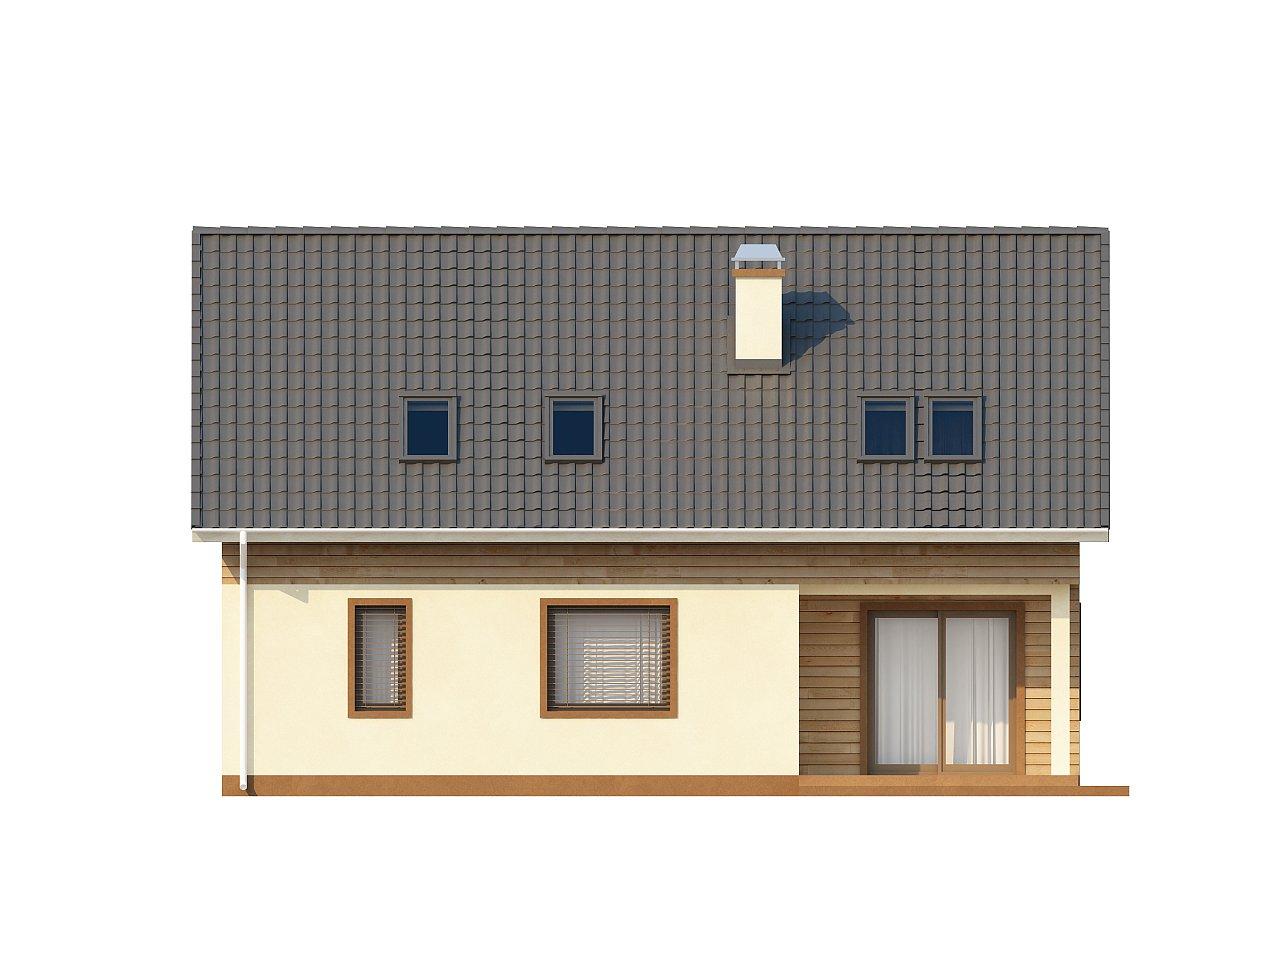 Проект традиционного дома с мансардой, со встроенным гаражом. 4